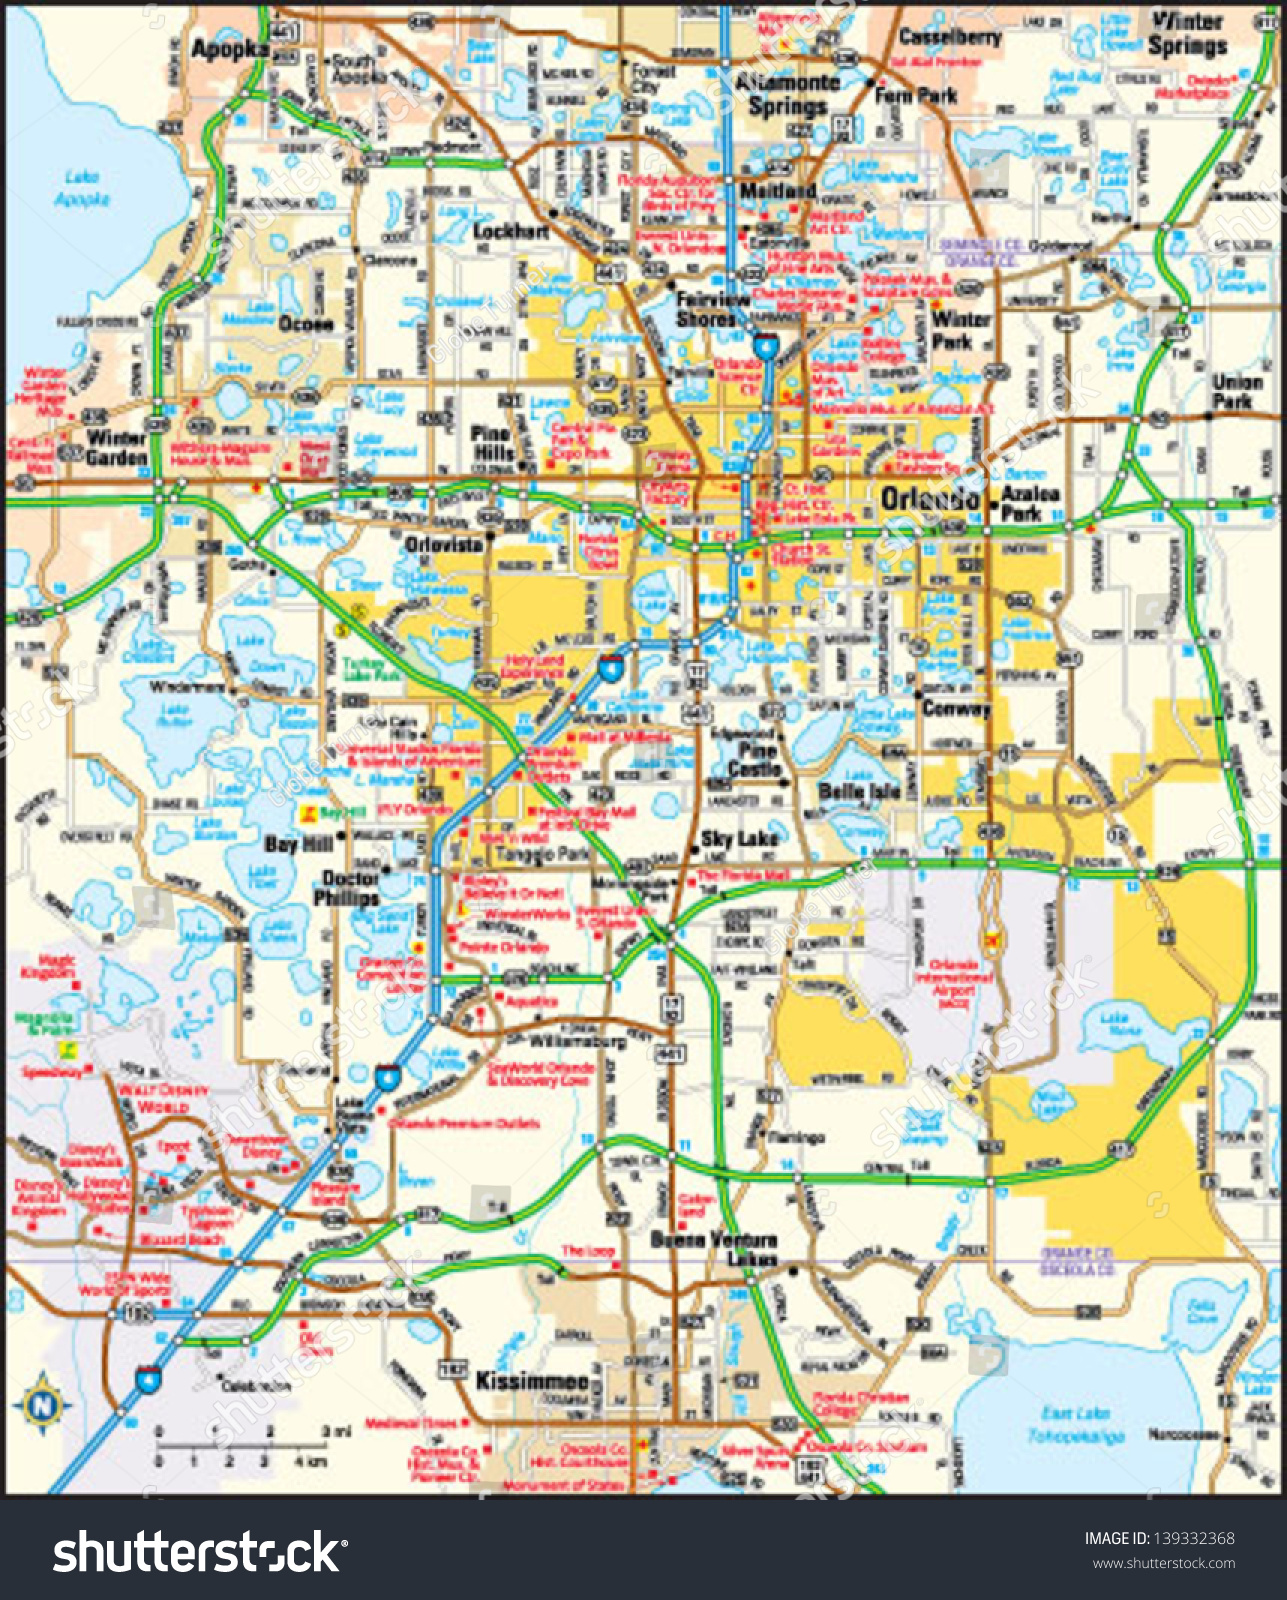 Orlando Florida Area Map Stock Vector  Shutterstock - Florida map orlando area